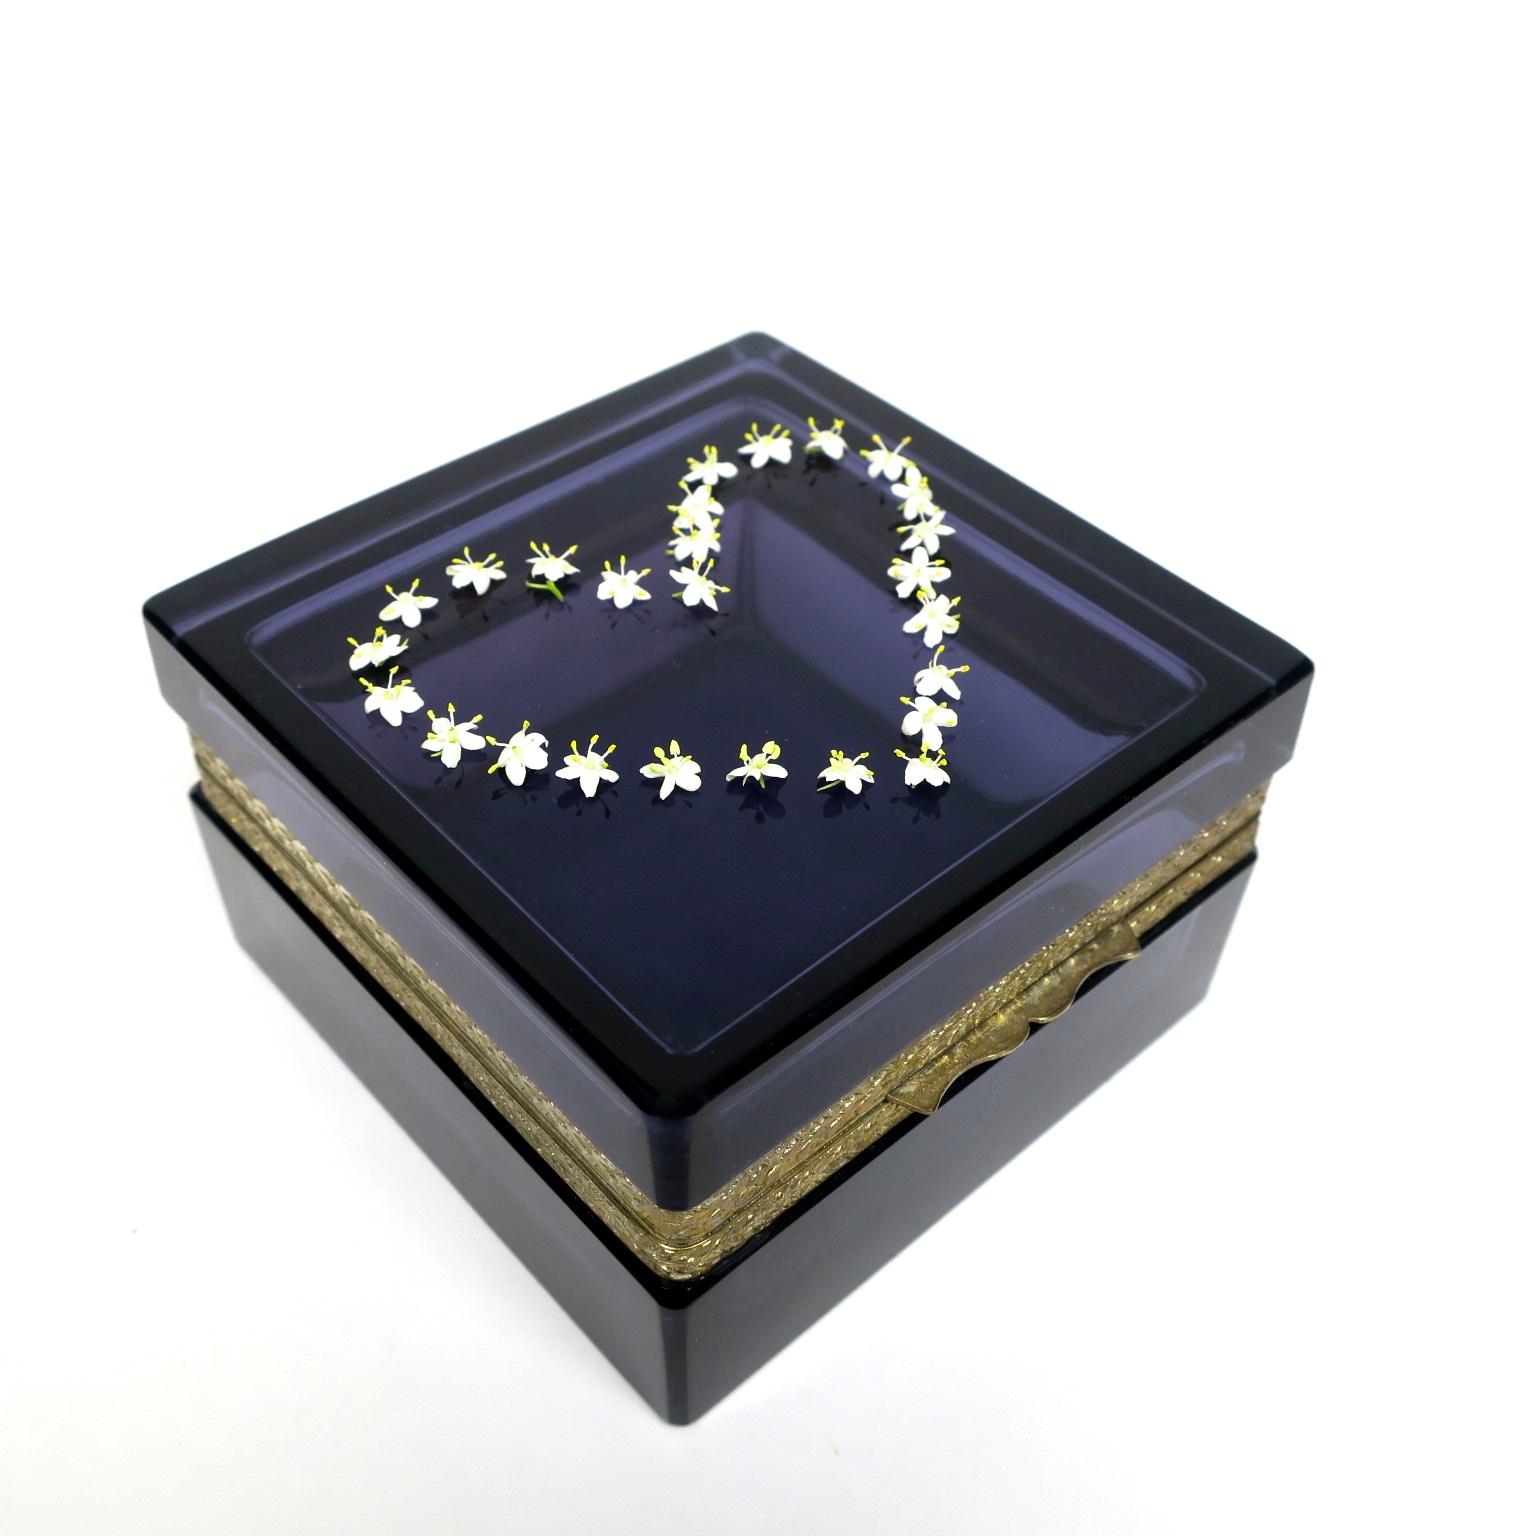 holunder hollerblüten trinket box ormolu geschenk hochzeitsgeschenk kaufmuseum murano midmod midcentury noble design interior  glasdose box deckeldose inneneinrichtung purpur amethyst